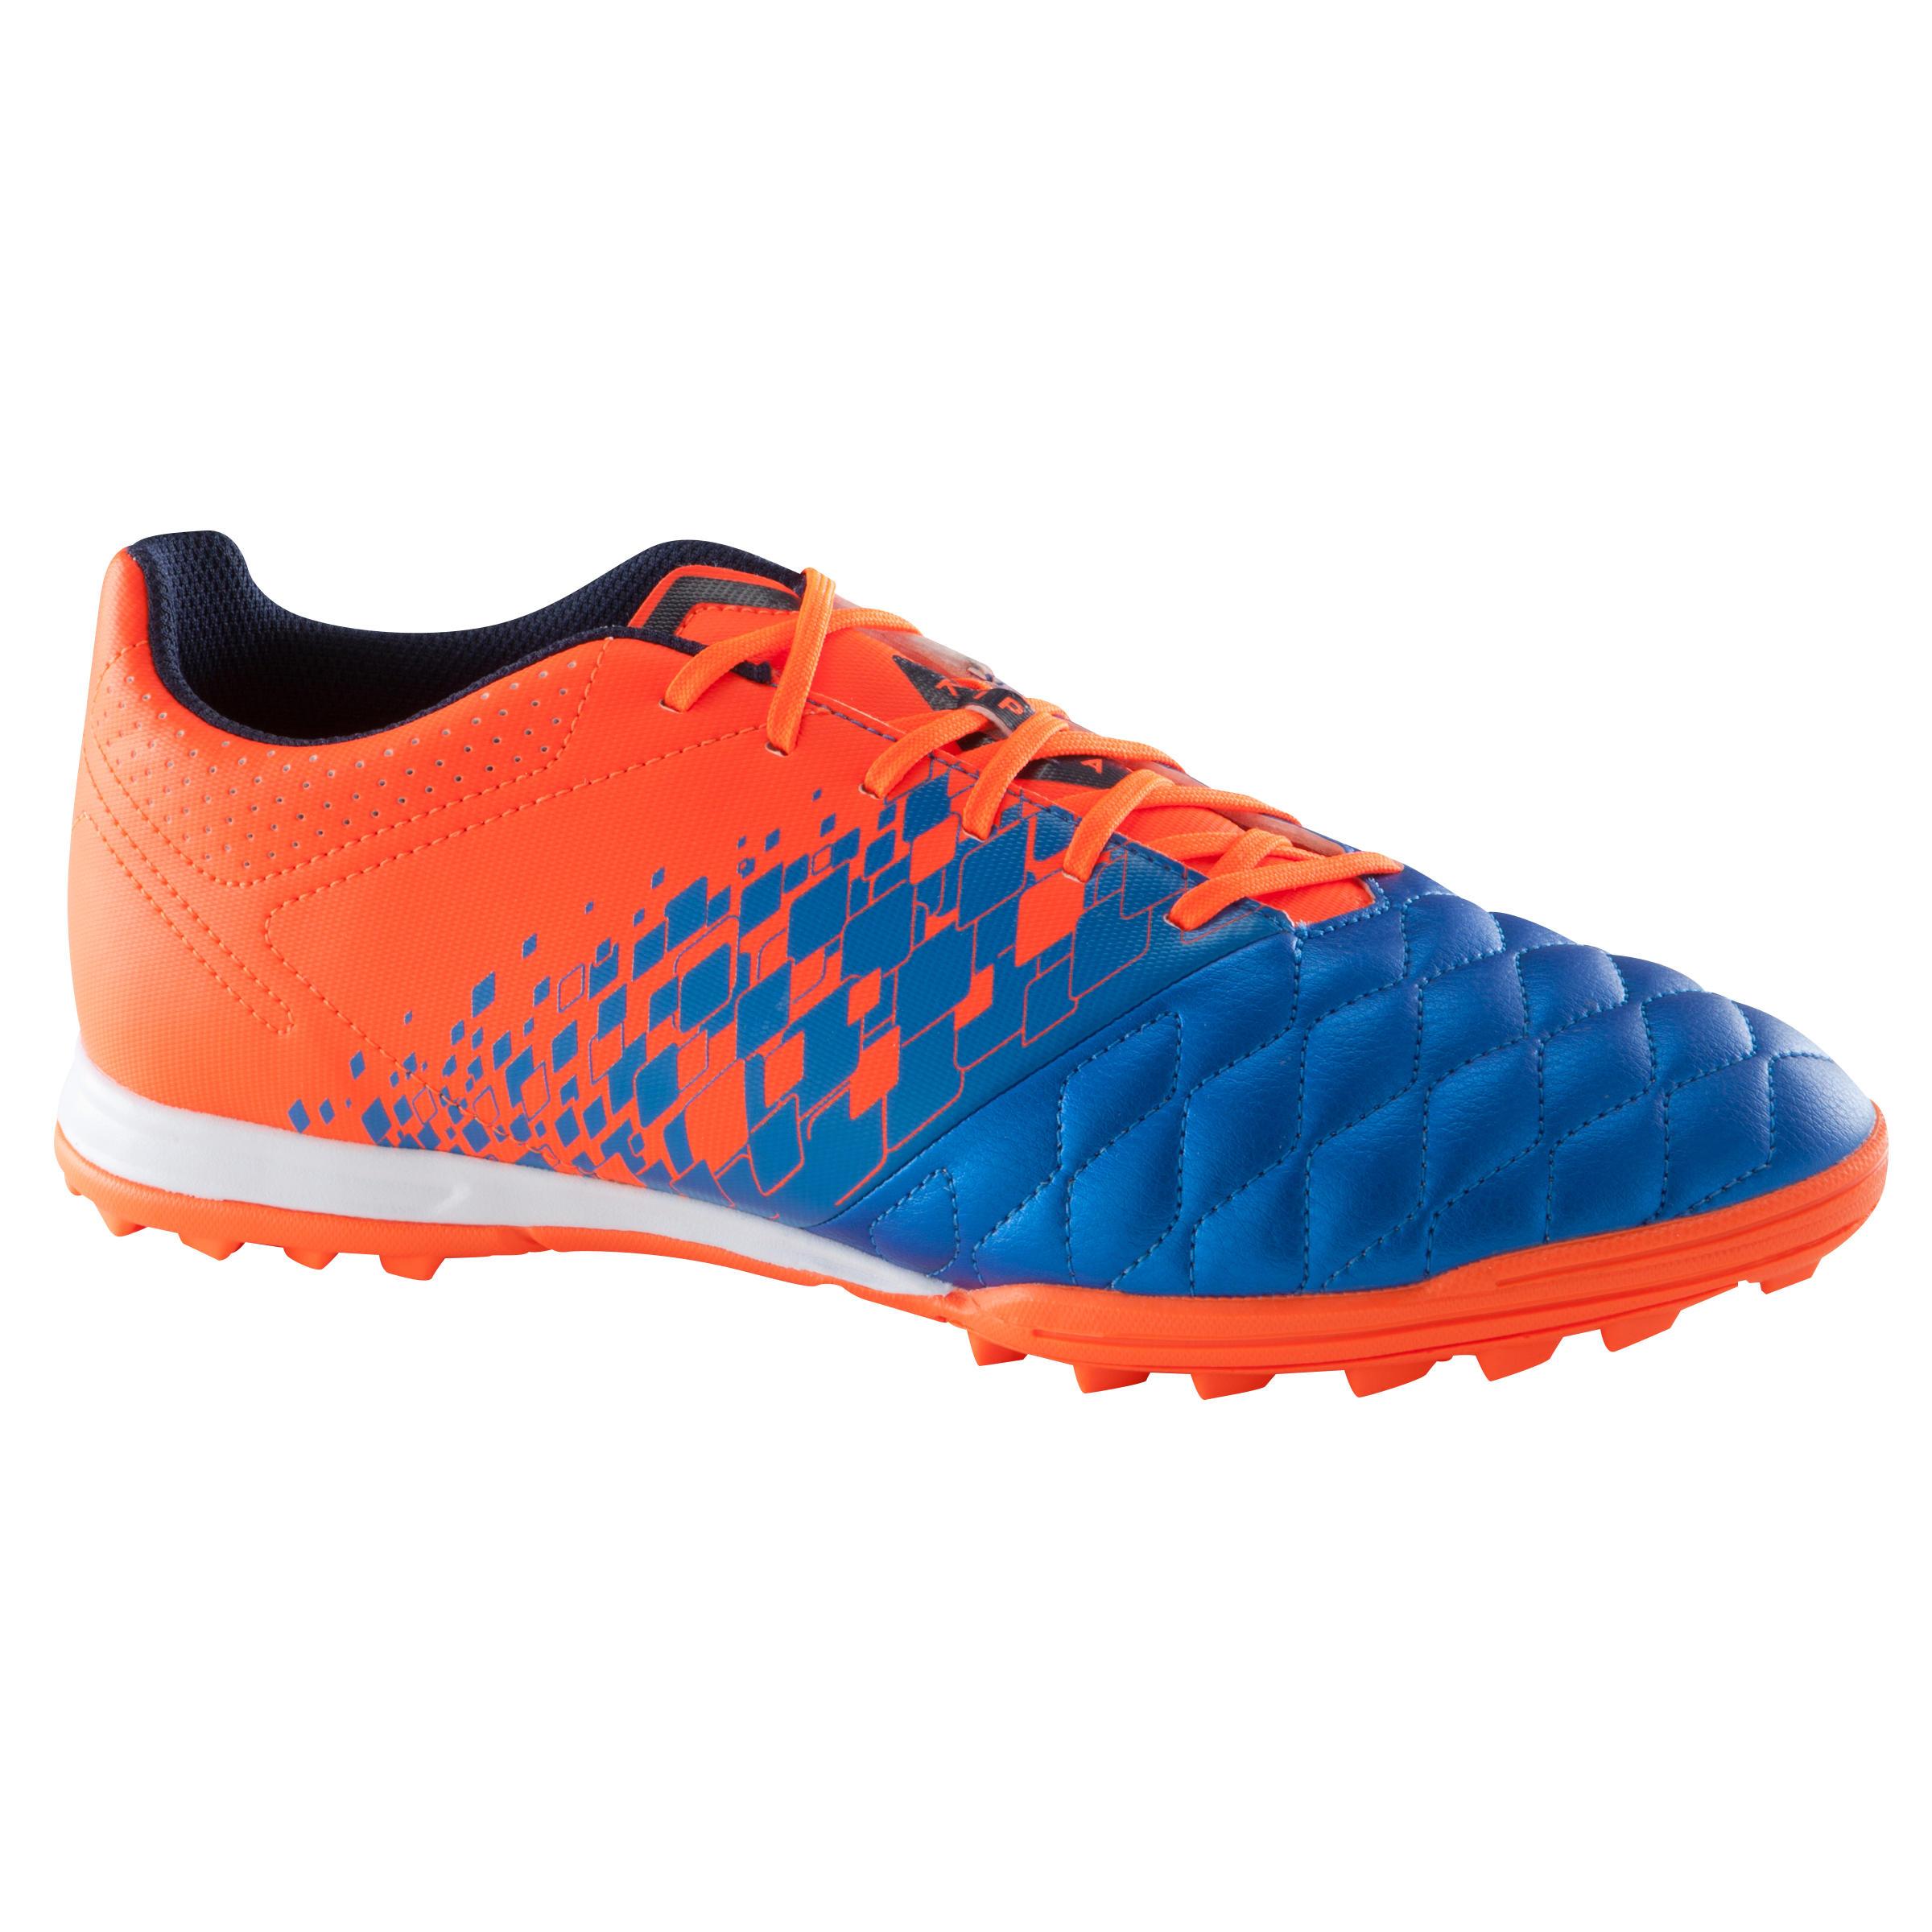 Kipsta Voetbalschoenen Agility 500 HG voor volwassenen blauw/oranje